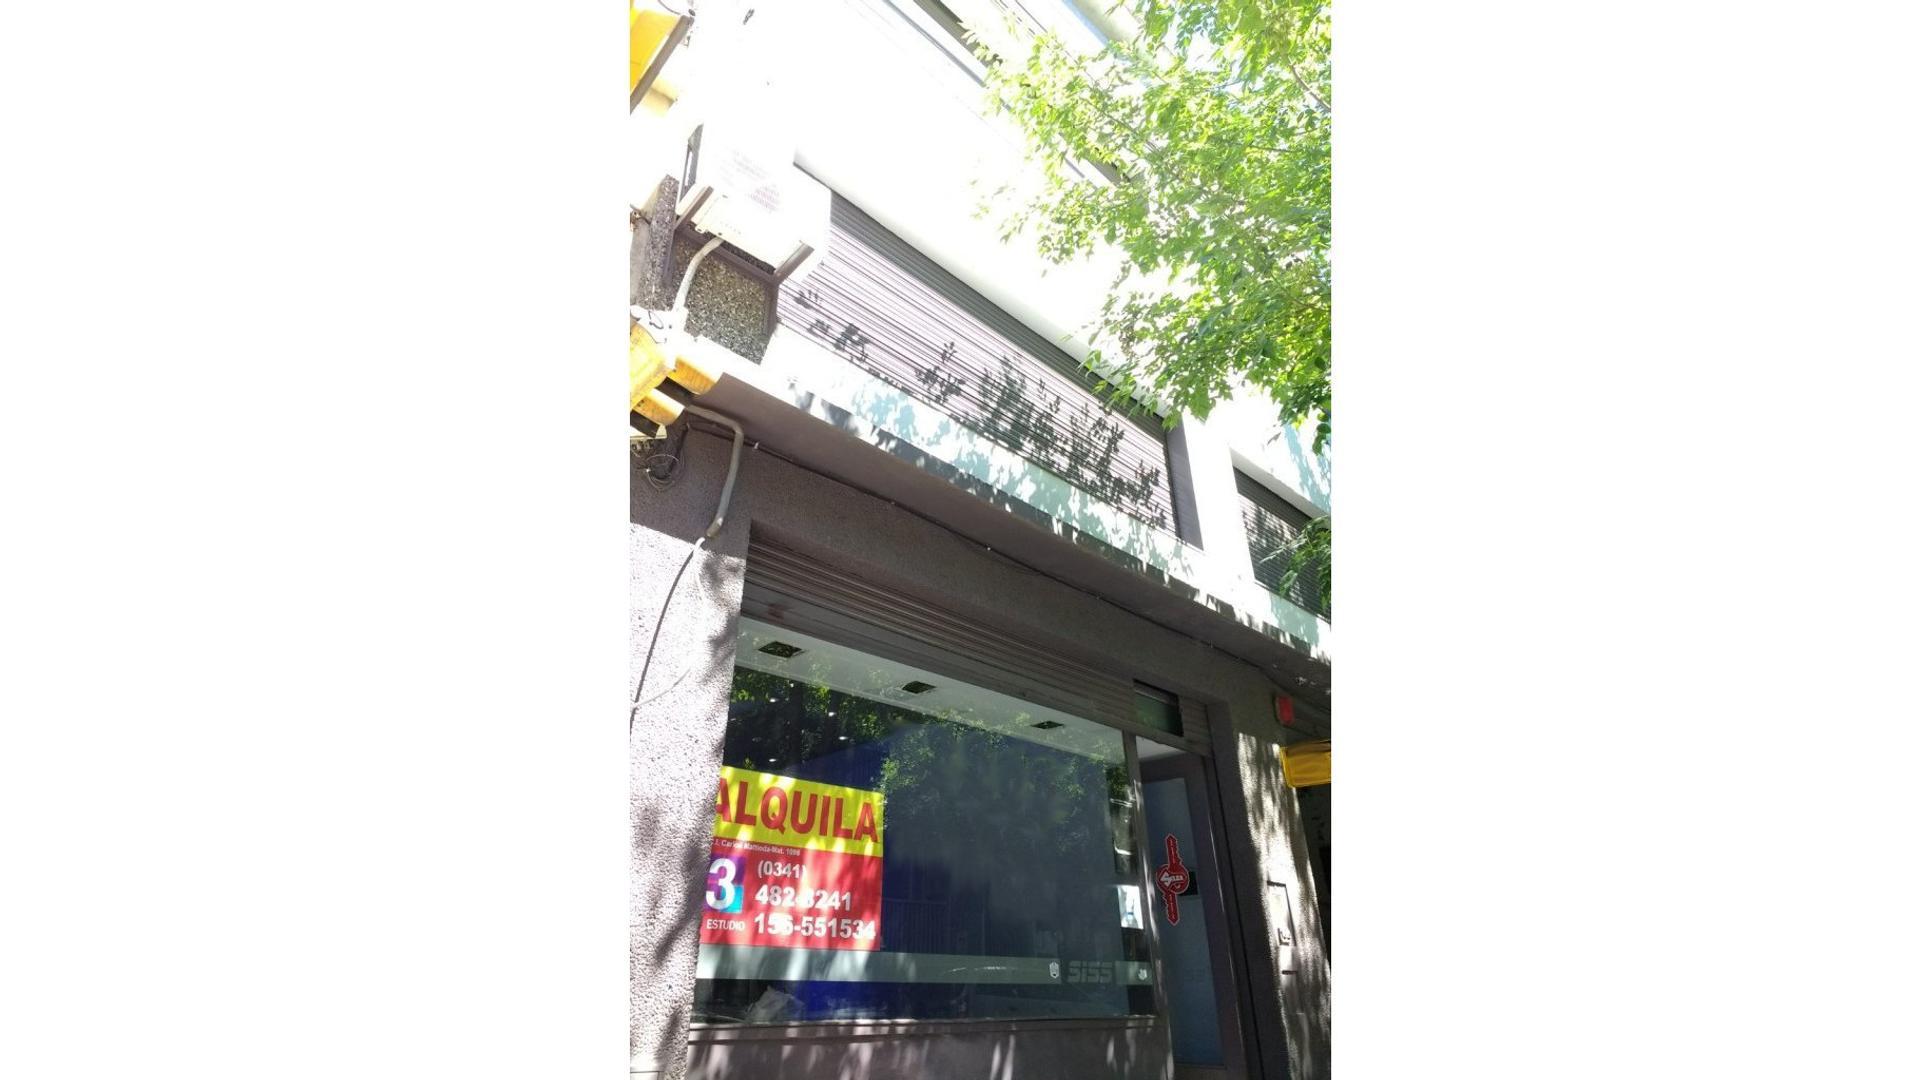 Alvear / Jujuy. Alquiler Local / Depósito. MULTIPLES USOS. Inmejorable ubicación, ROSARIO.